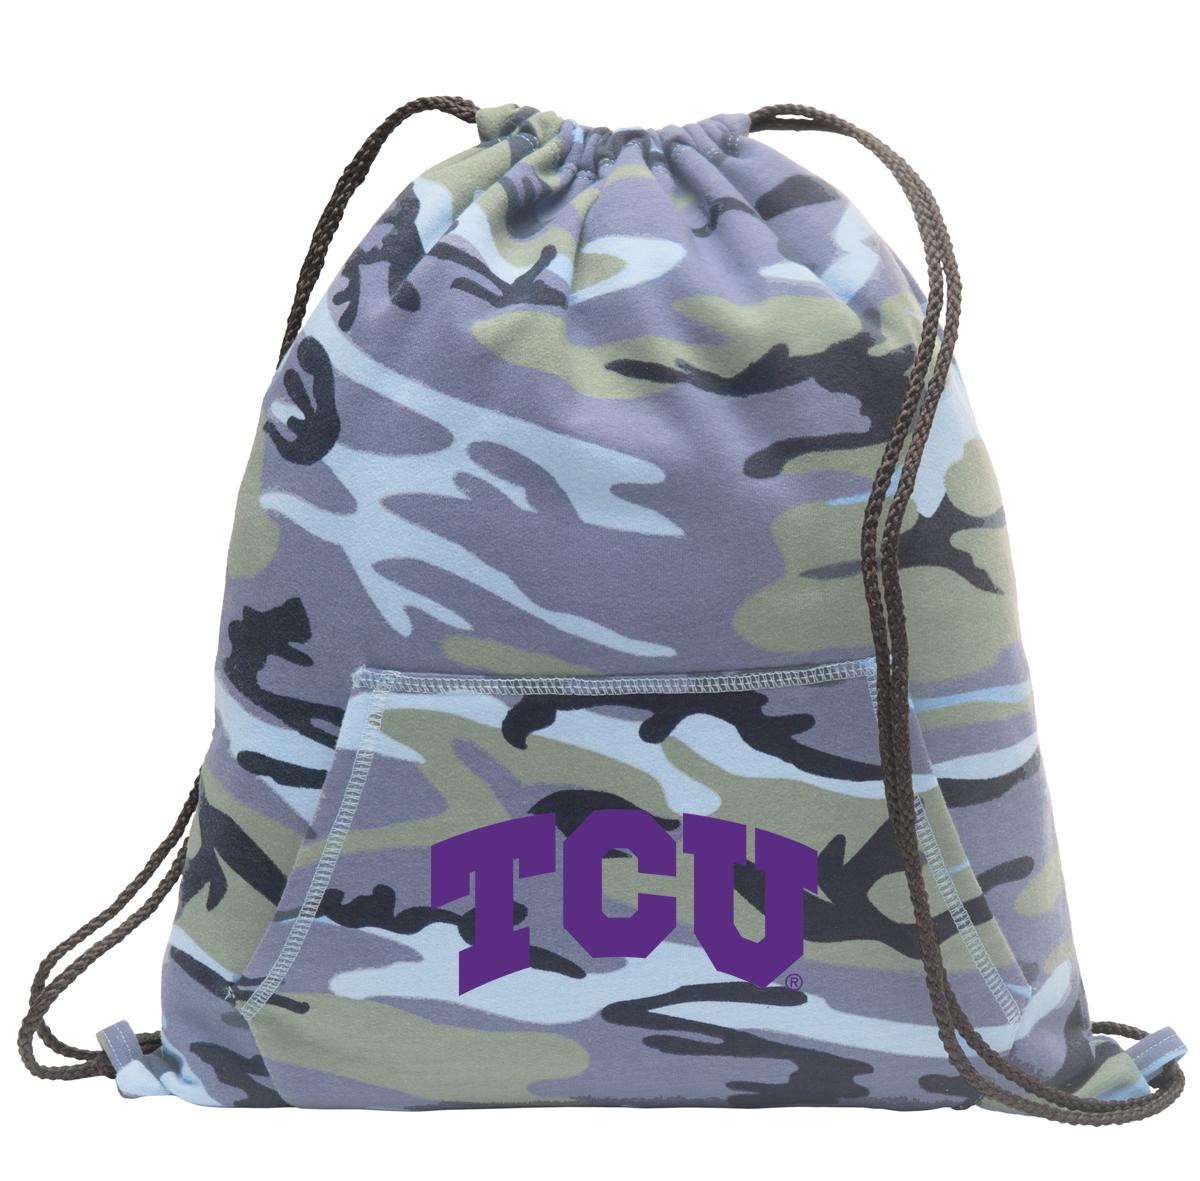 TCU Drawstring Bag Blue Camo